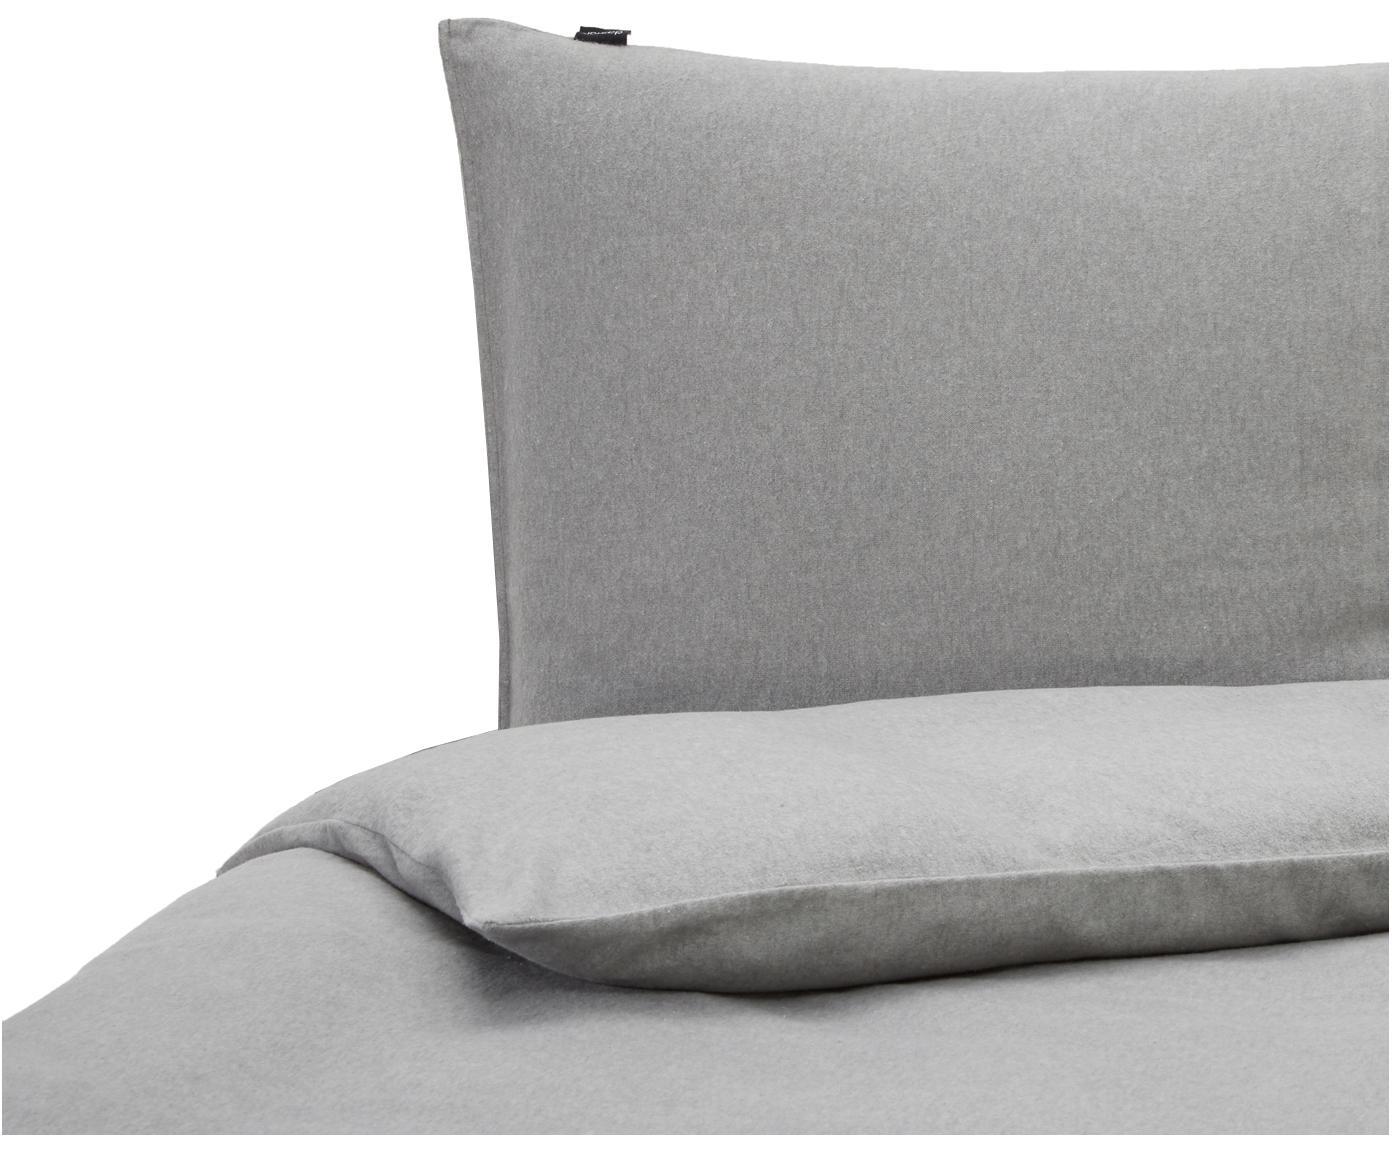 Flanellen dekbedovertrek Groove, Weeftechniek: flanel, Grijs, 140 x 220 cm